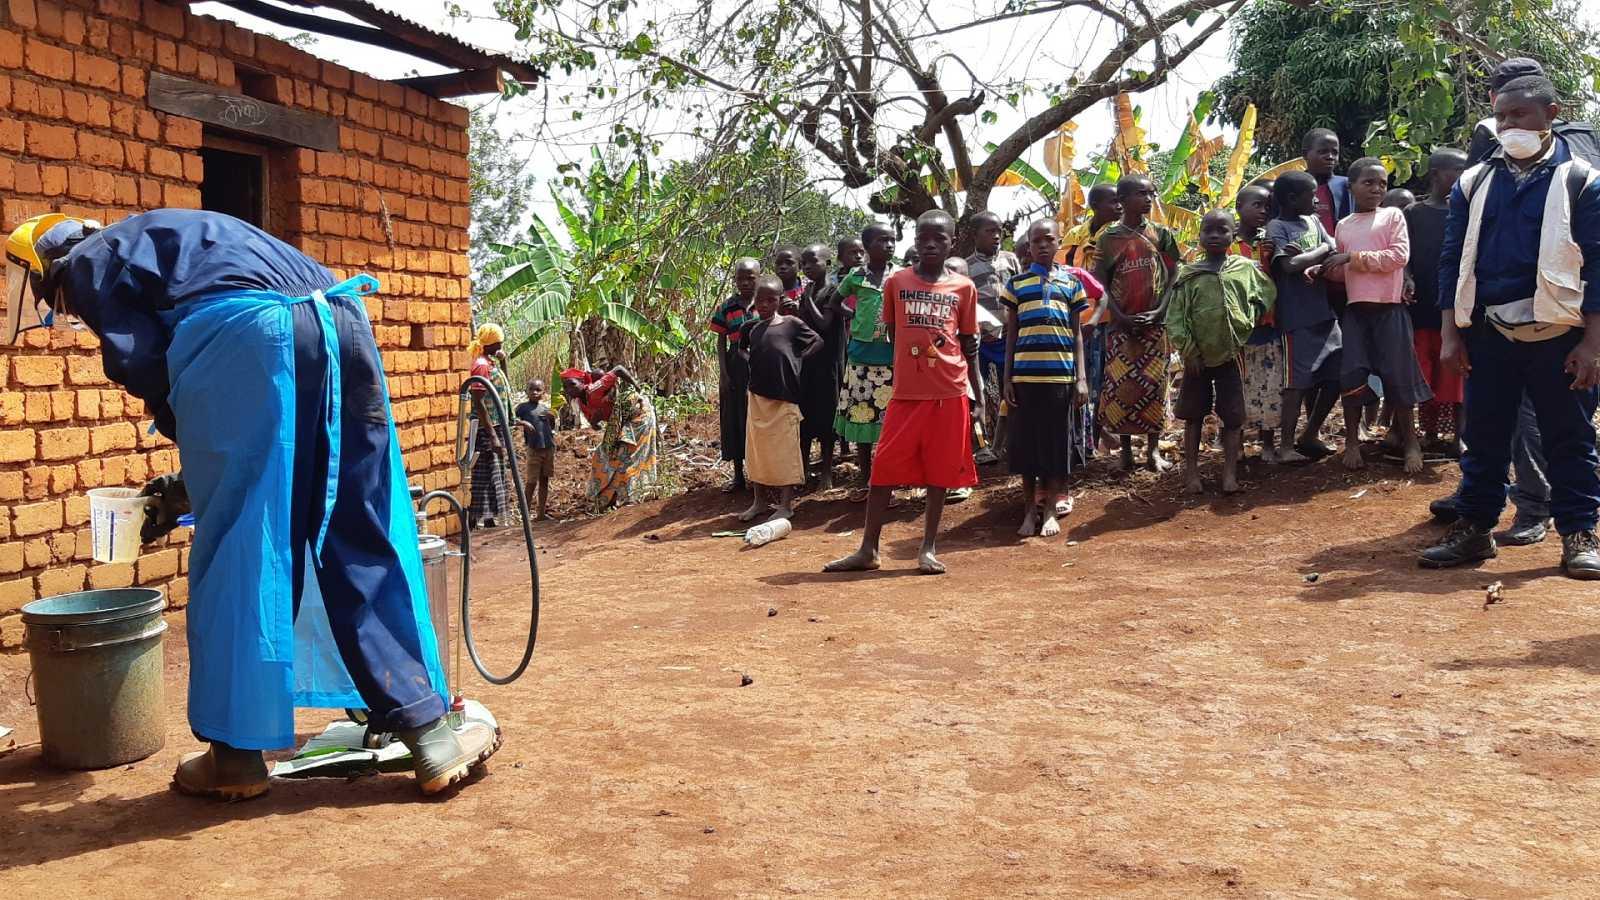 """Nuevas estrategias para luchar contra la malaria: """"¡Ven, ven y rocía todo, que no quiero más malaria en casa!"""""""